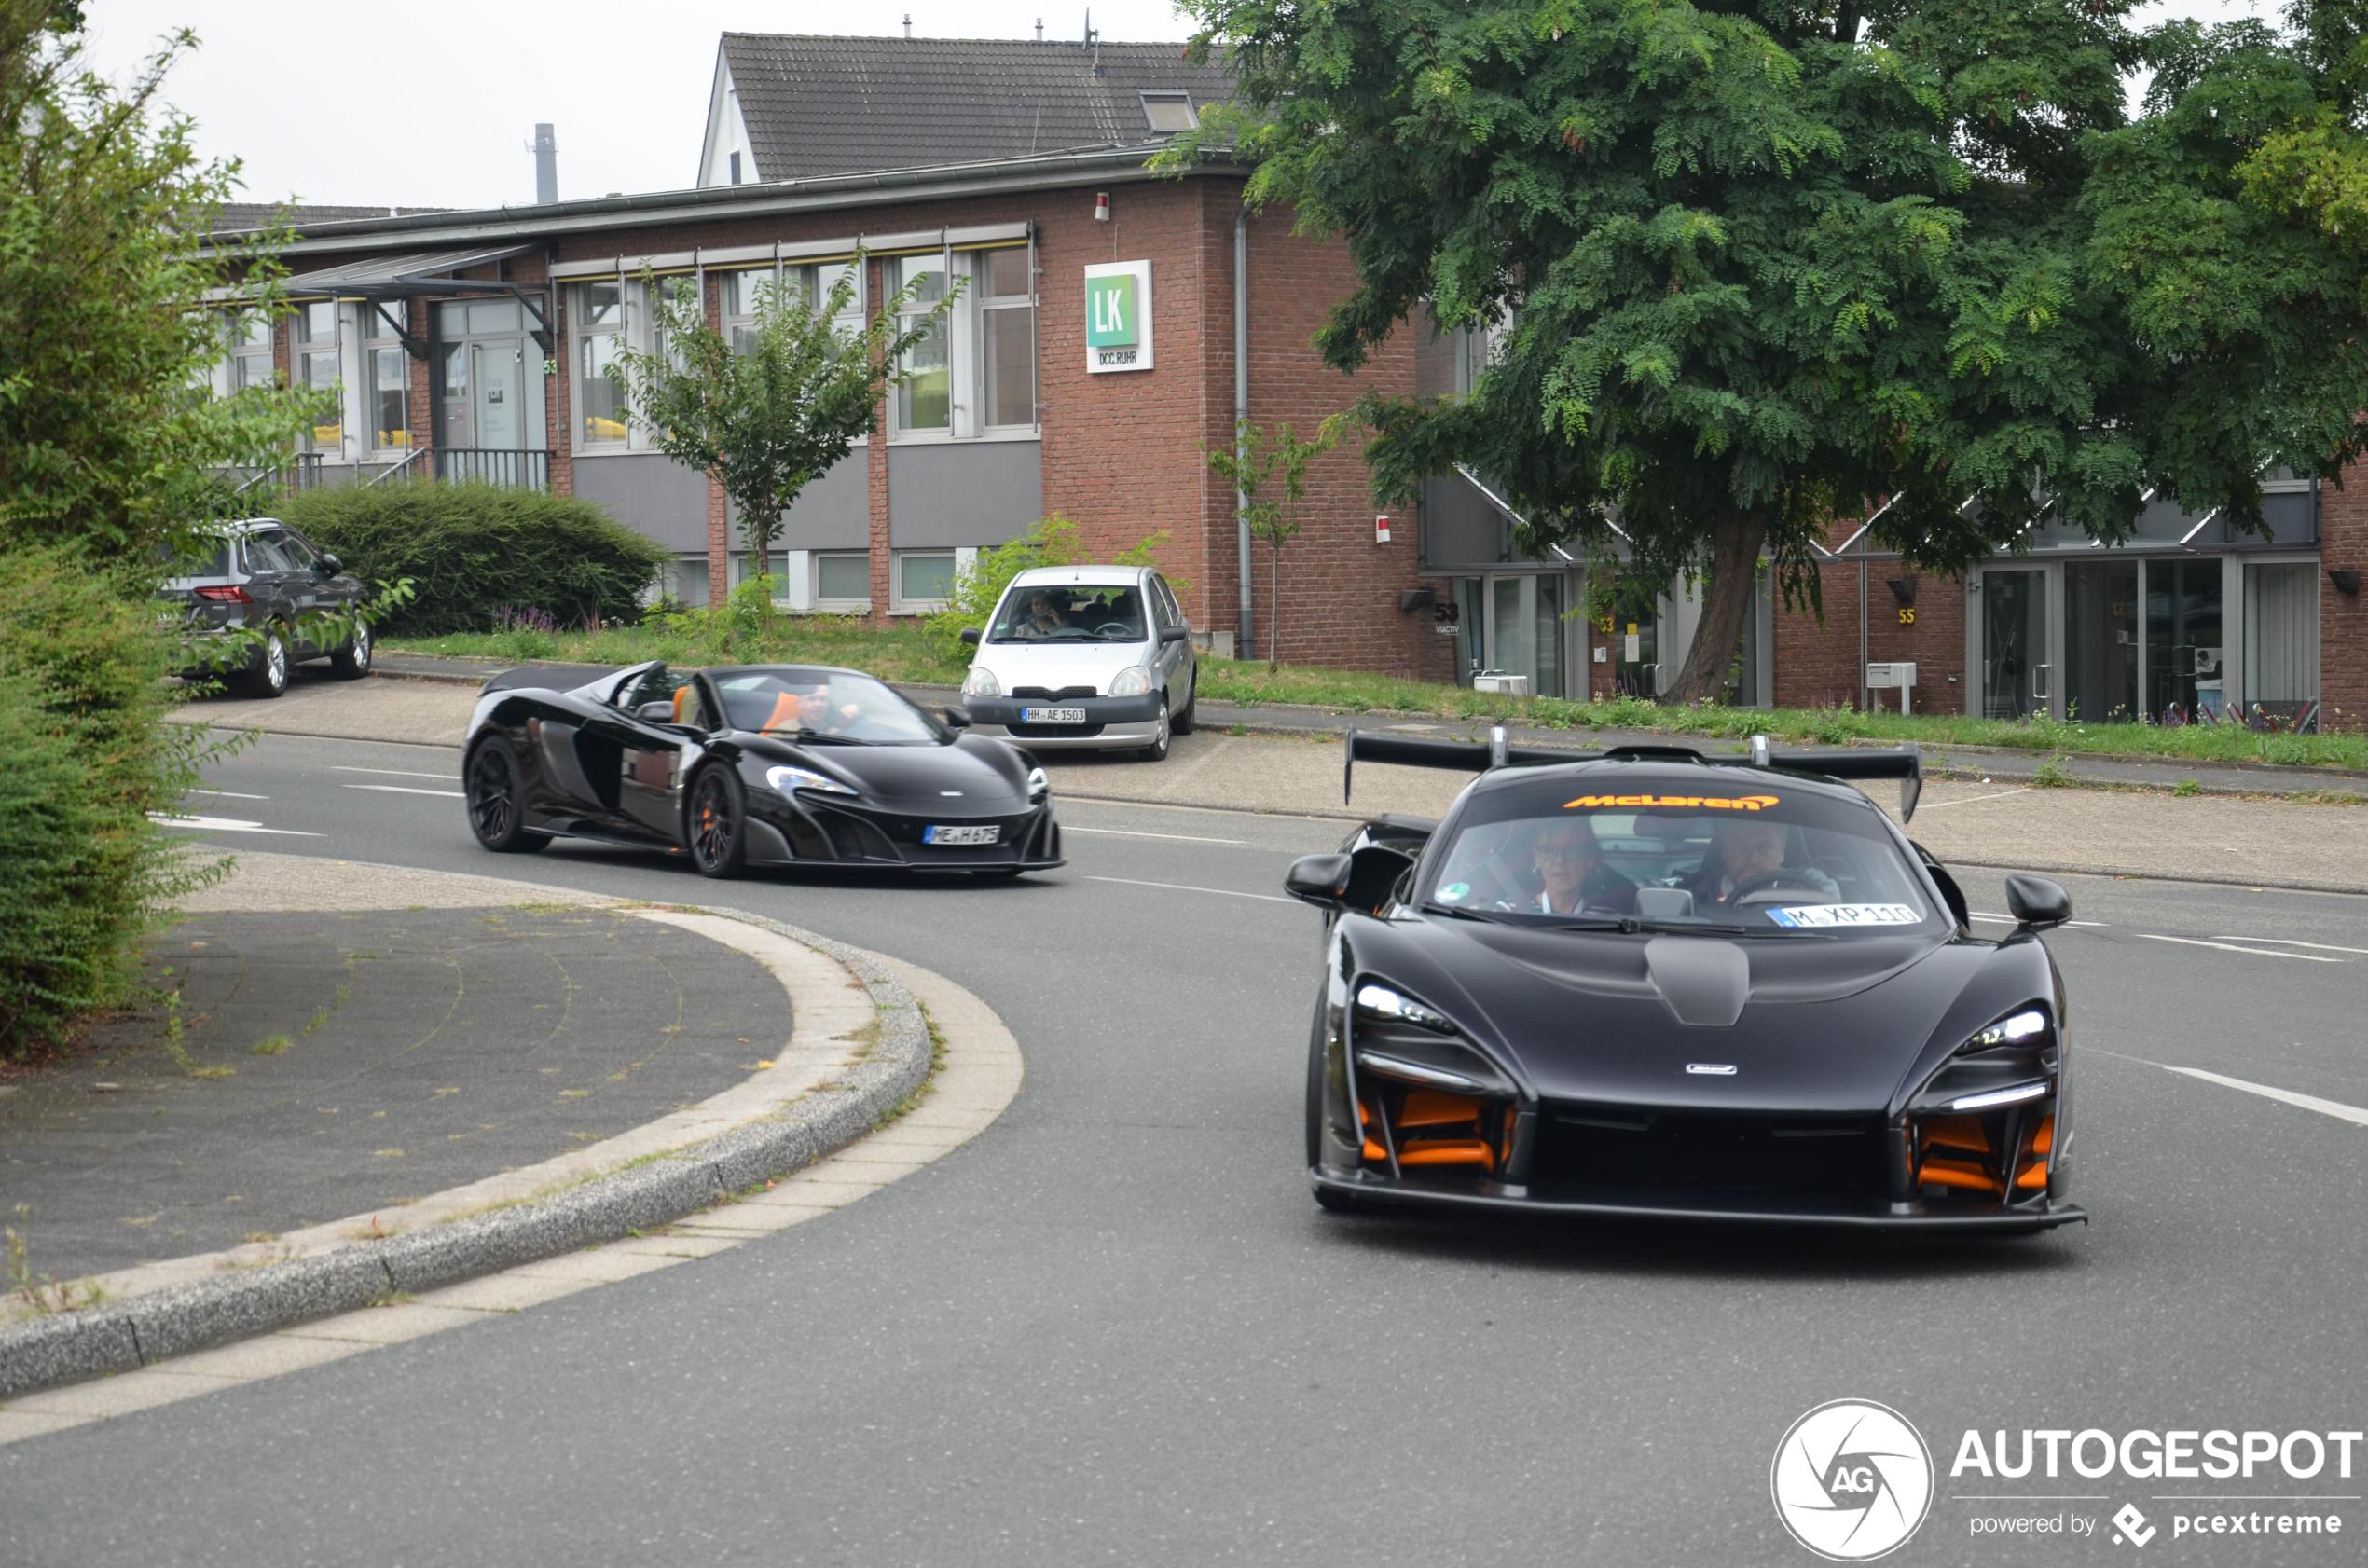 Gelimiteerd McLaren duo op pad in Velbert